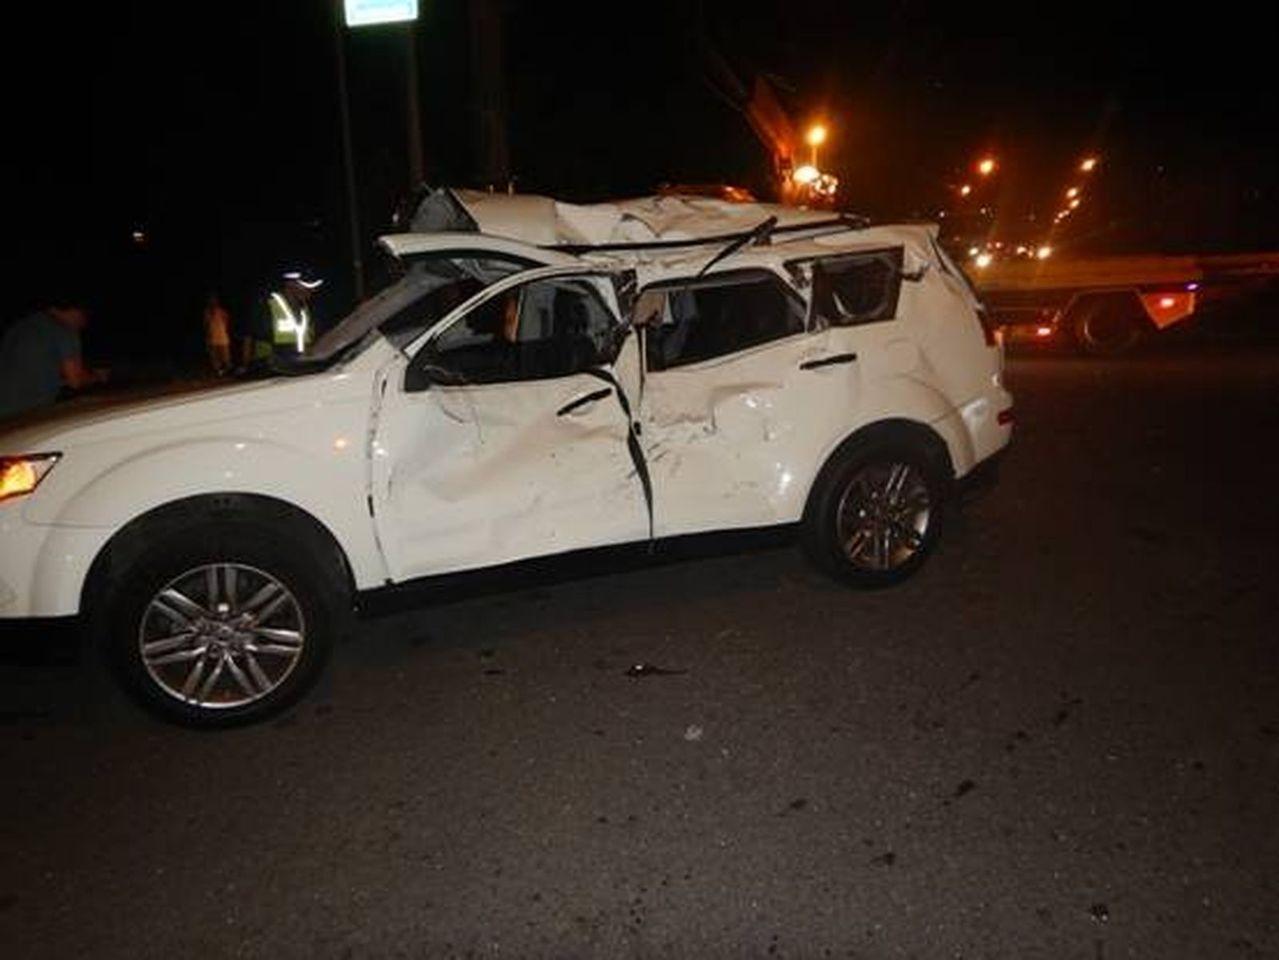 桃園市楊梅區秀才路592巷口,昨晚發生大型重機車與小客貨車擦撞事故,大型重機嚴重...